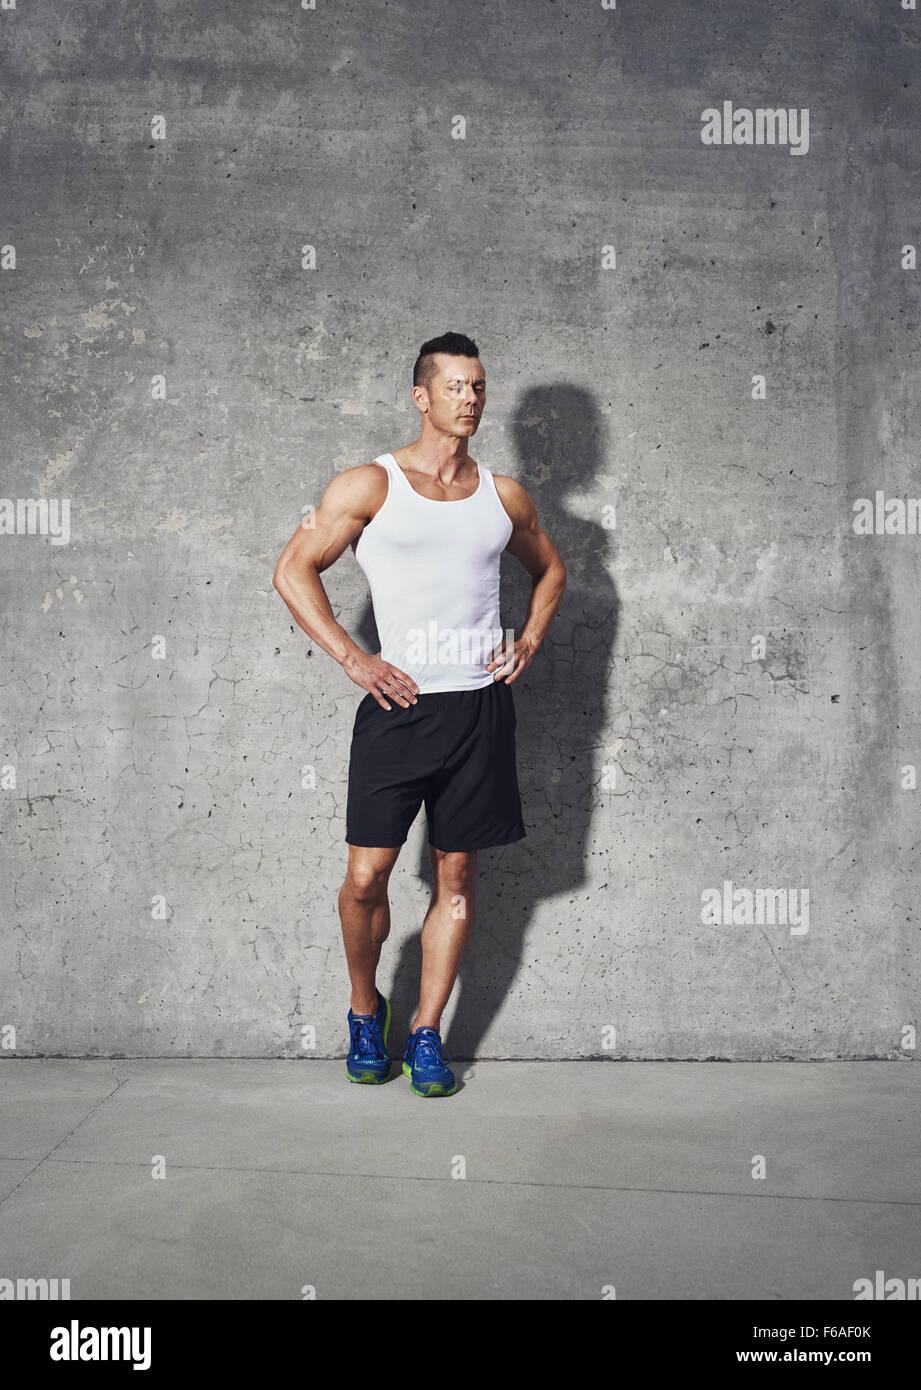 Full body fitness portrait de l'homme musclé, debout avec les deux mains sur sa taille à la suite Photo Stock